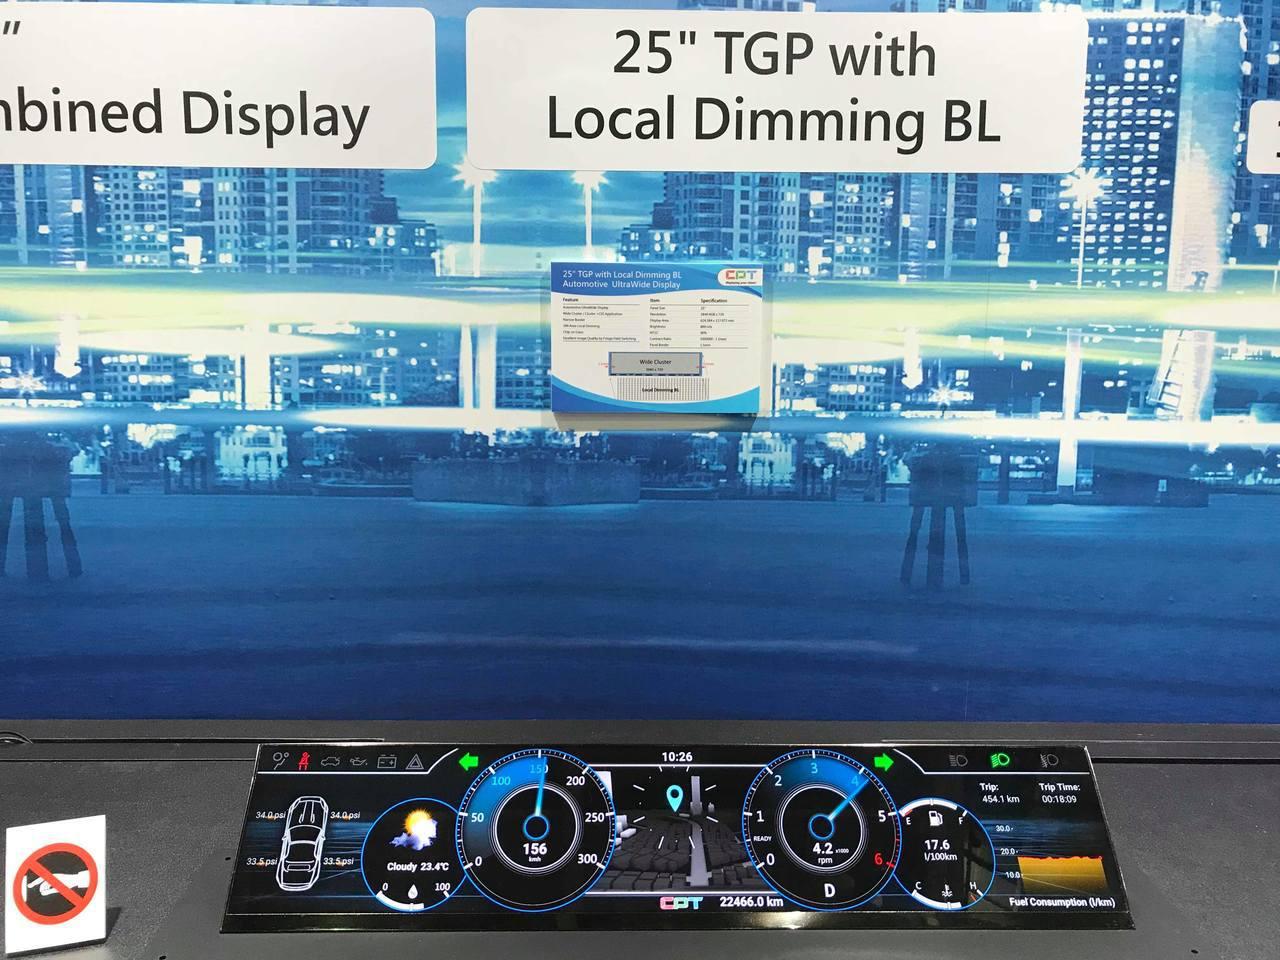 華映秀應用Mini LED背光技術的25吋車用儀表板。記者蔡銘仁/攝影